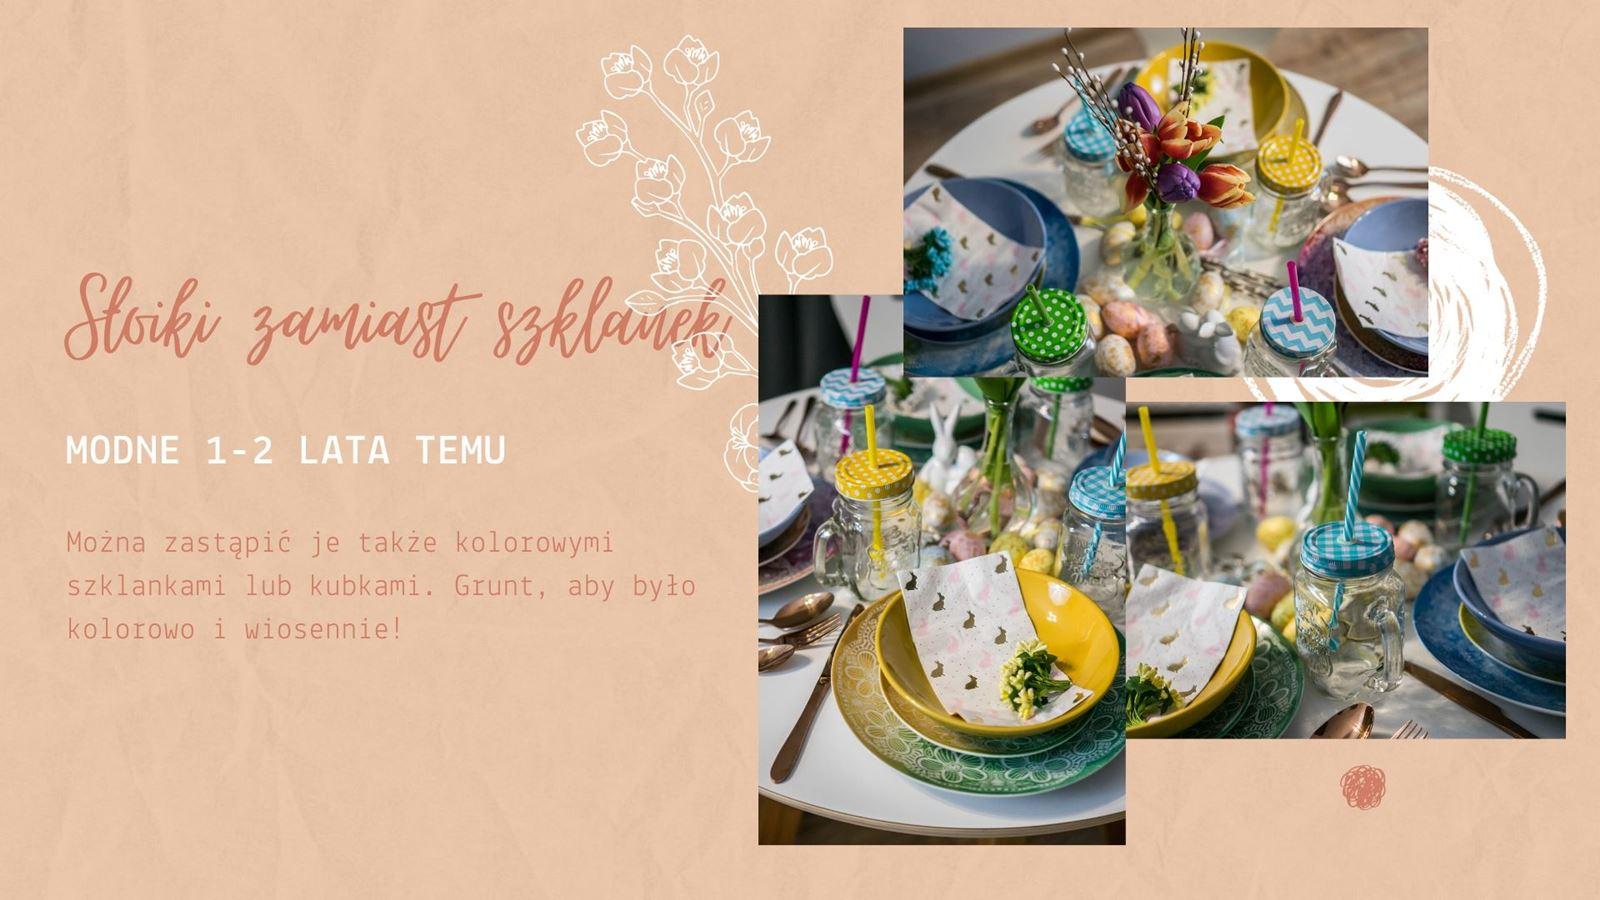 6 dekoracje wielkanocne diy jak udekorować stół wielkanocny bez wydawania pieniędzy kolorowe dodatki na wiosnę jak urządzić mieszkanie na wiosnę wiosenne dodatki do wnętrz tanie